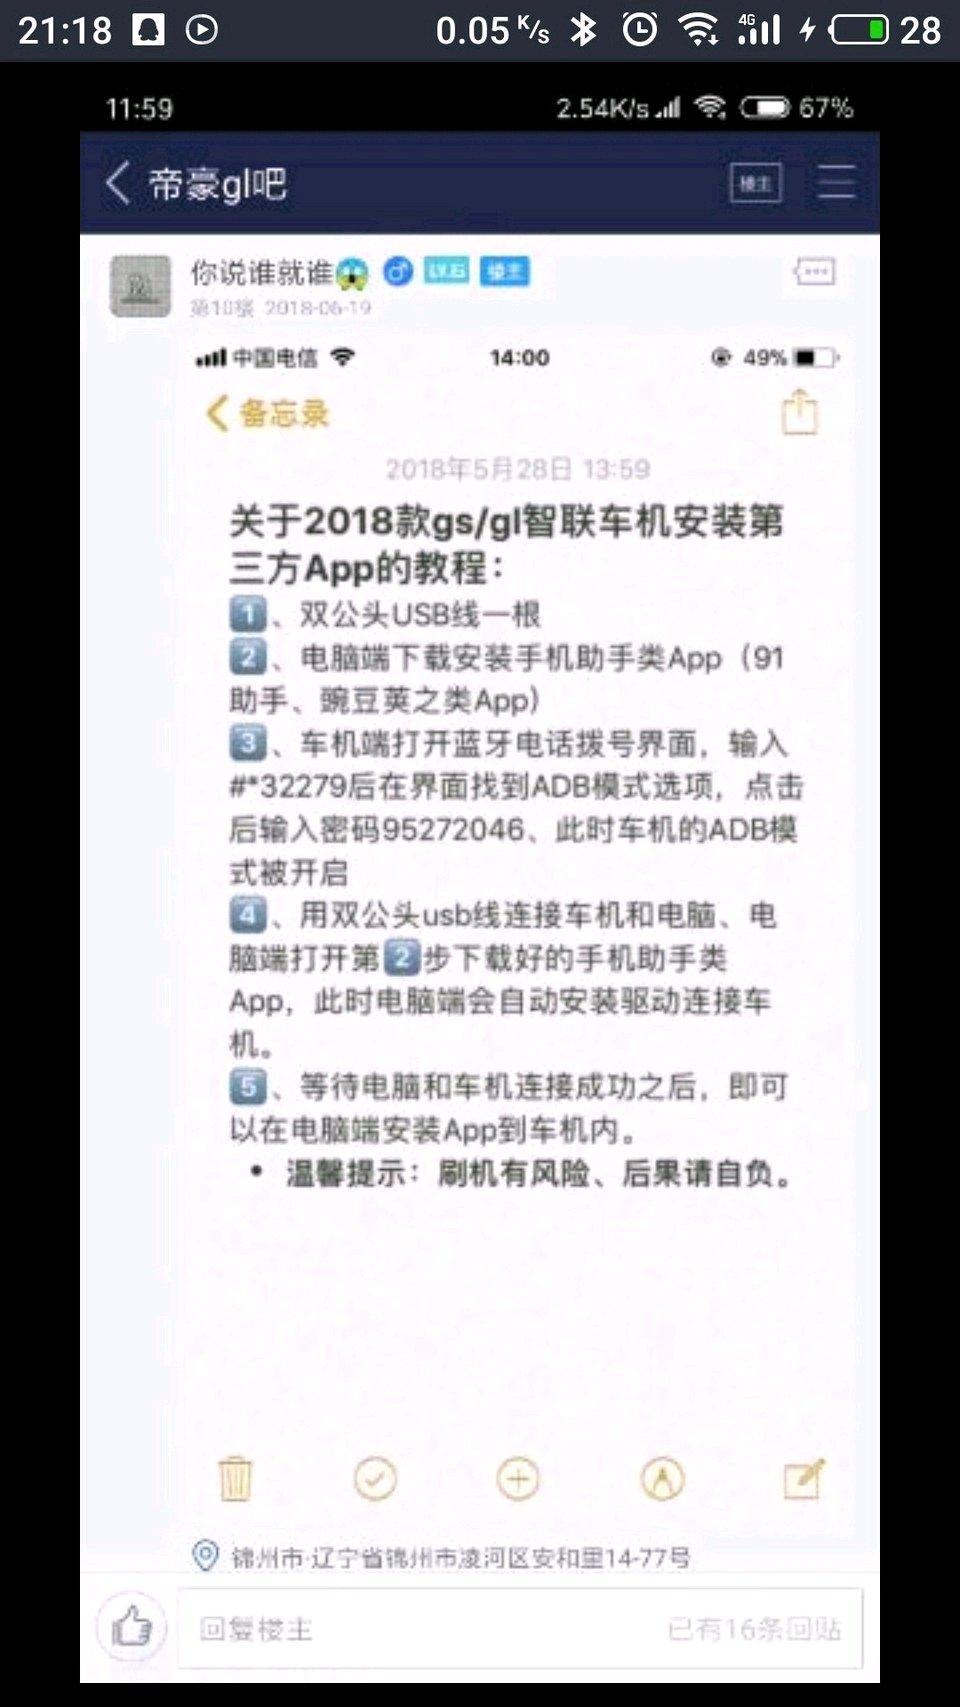 帝豪GL车机2.16版破解教程-橙视娱乐